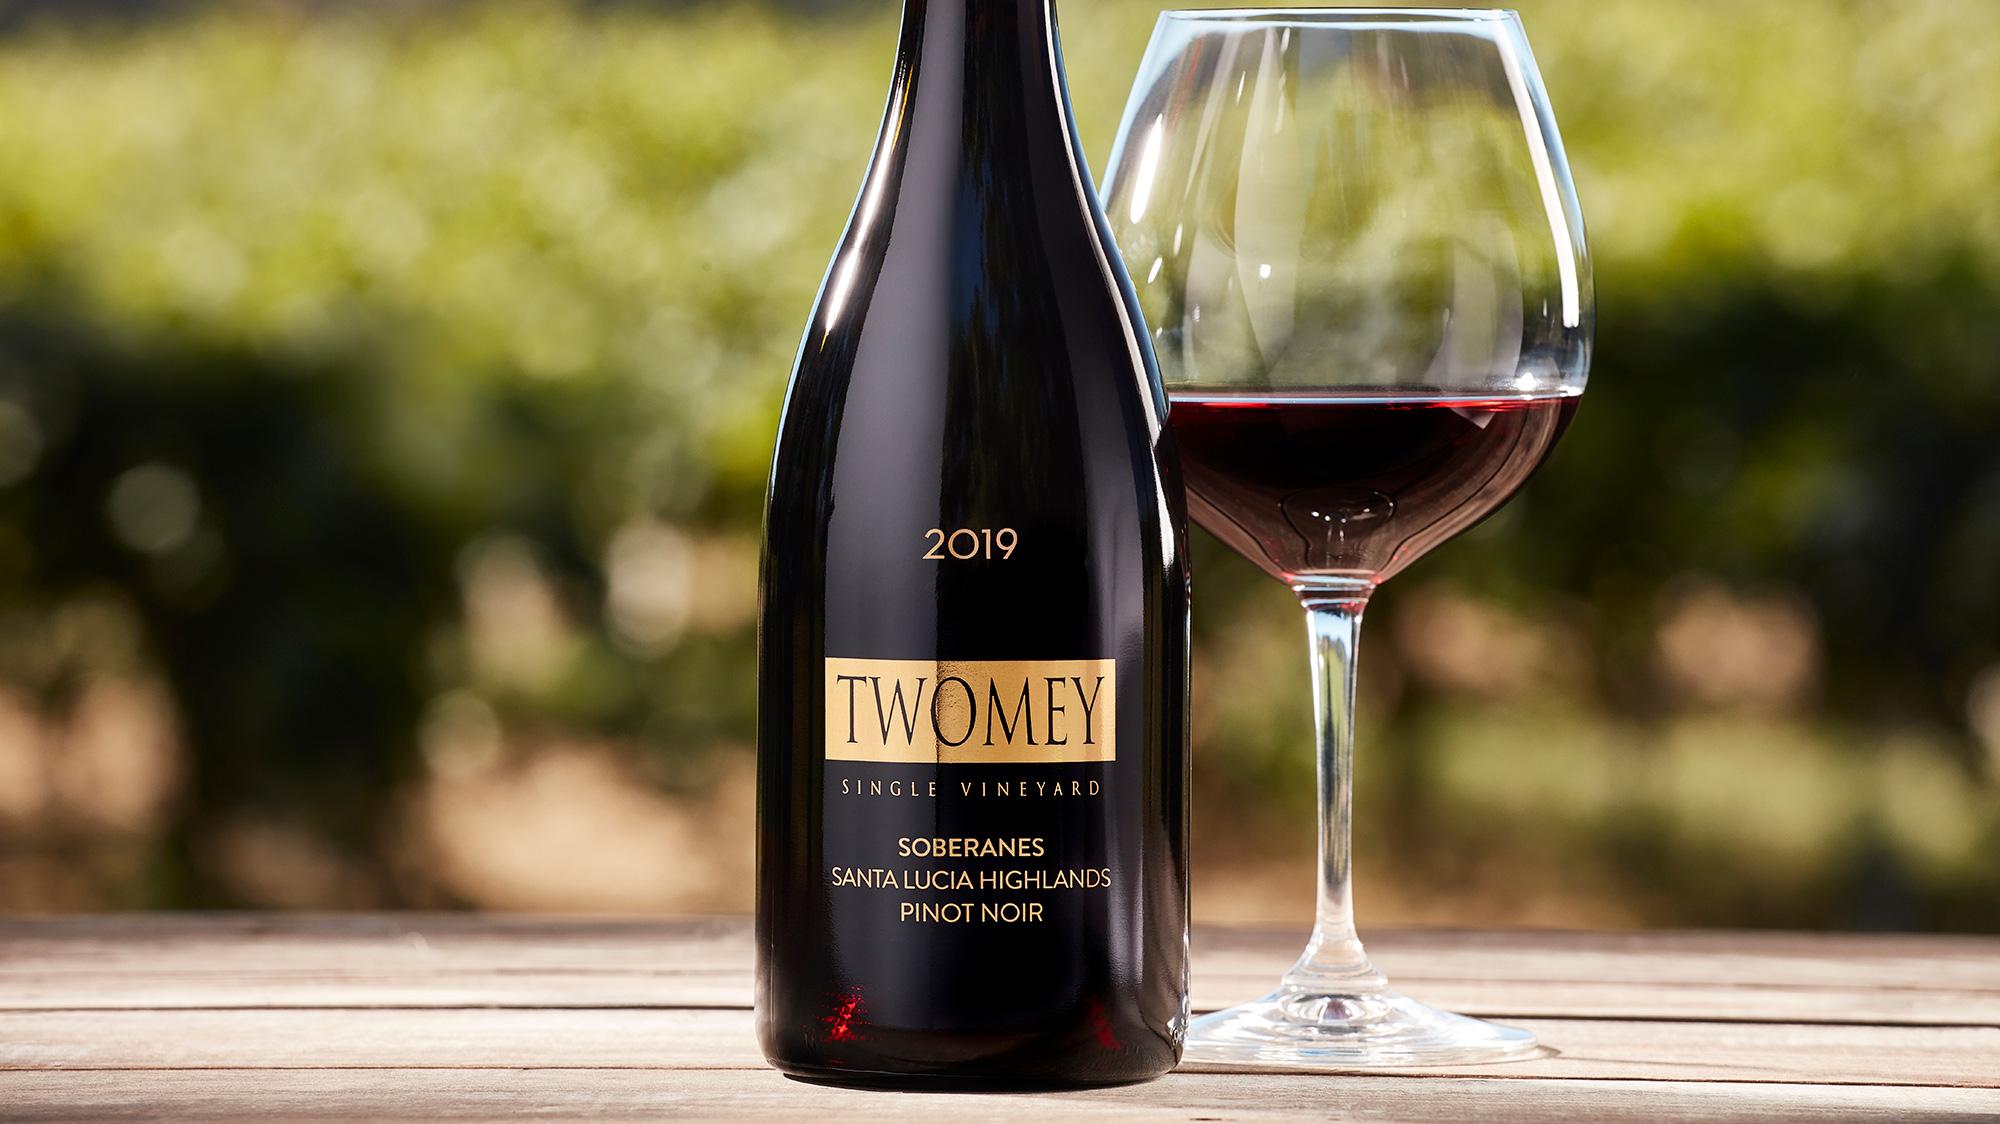 Twomey 2019 Soberanes Vineyard Pinot Noir